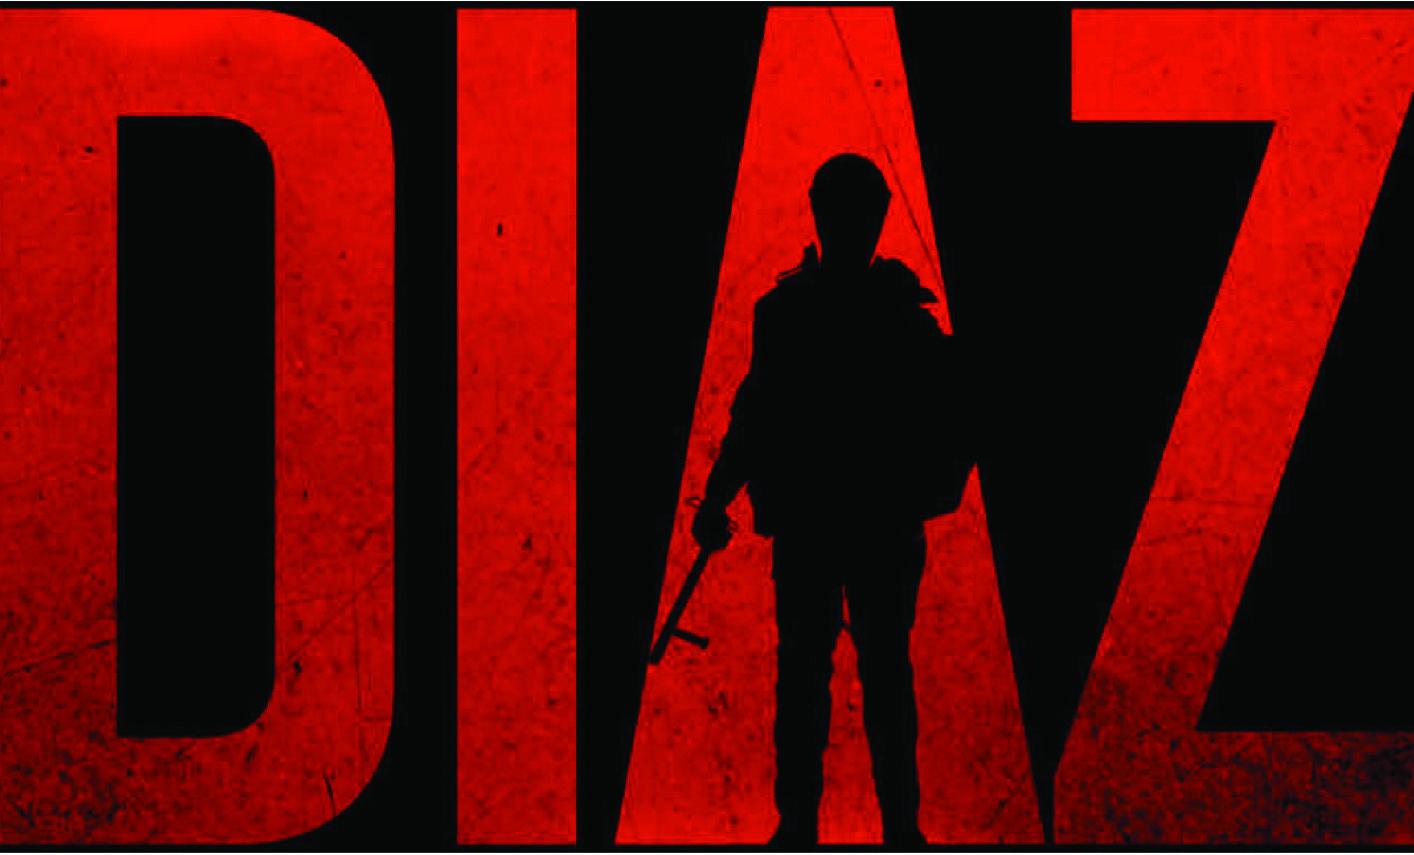 Scuola Diaz, il film diventa una lezione per gli agenti di Polizia